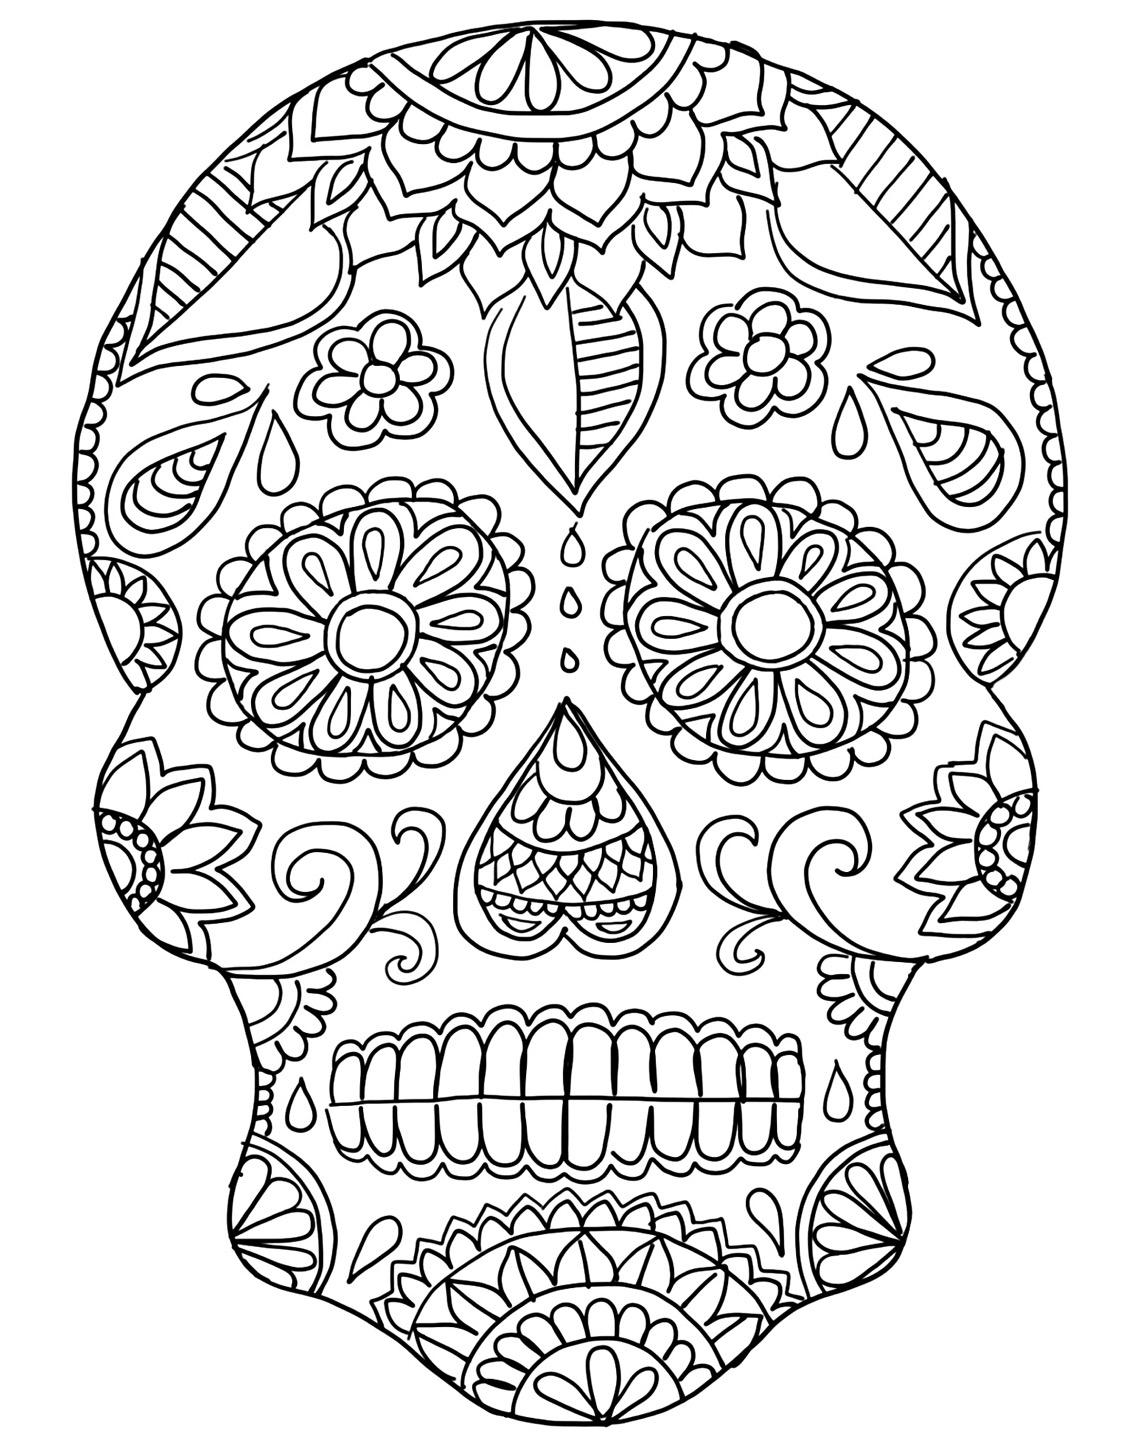 Día De Los Muertos - Day Of The Dead Sugar Skull Craft Ideas | Ooly - Free Printable Sugar Skull Day Of The Dead Mask